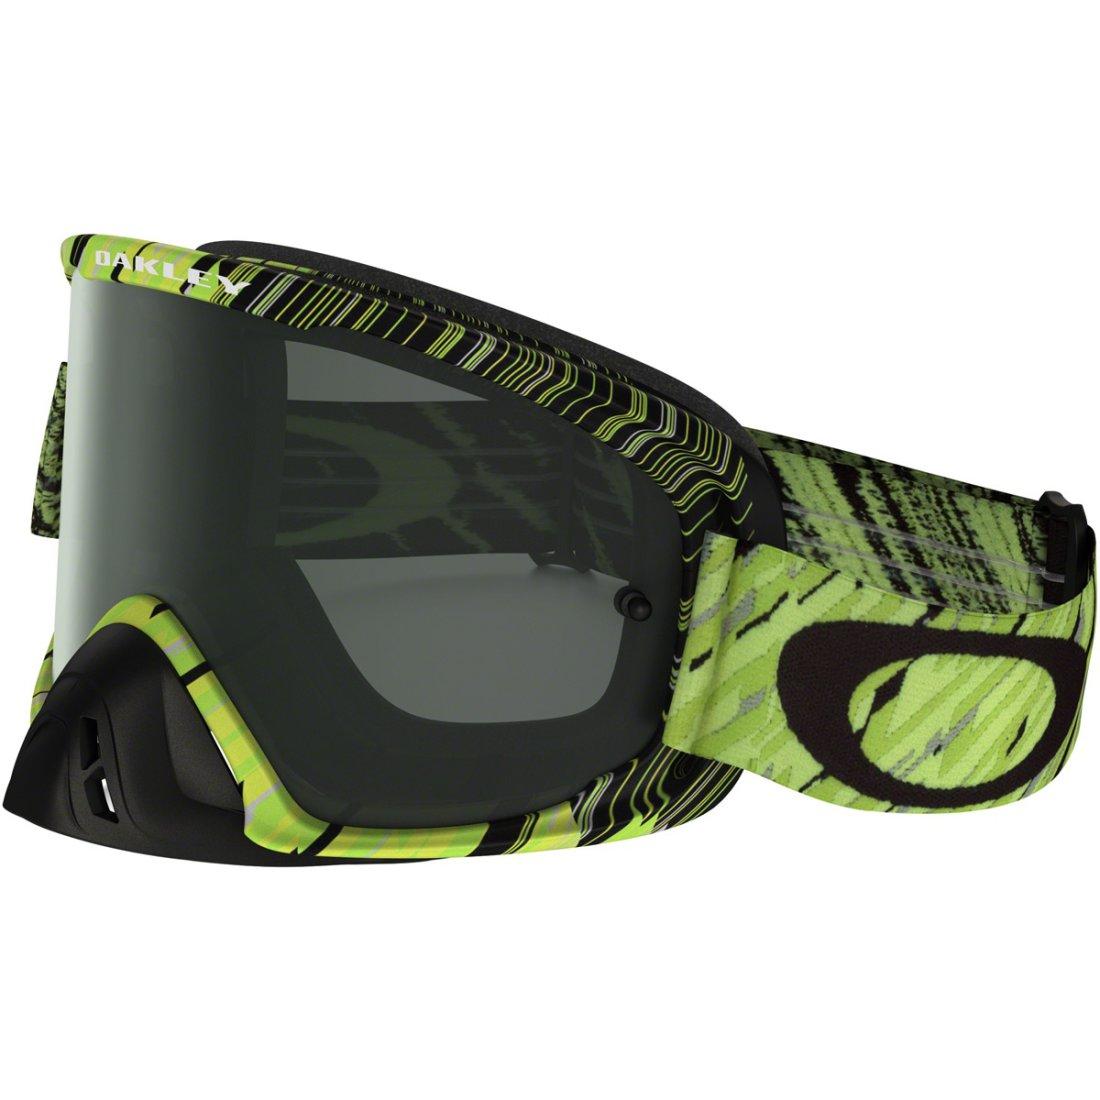 af4fedfa28 OAKLEY O2 MX Rain of Terror Green Dark Grey Mask   Goggle · Motocard